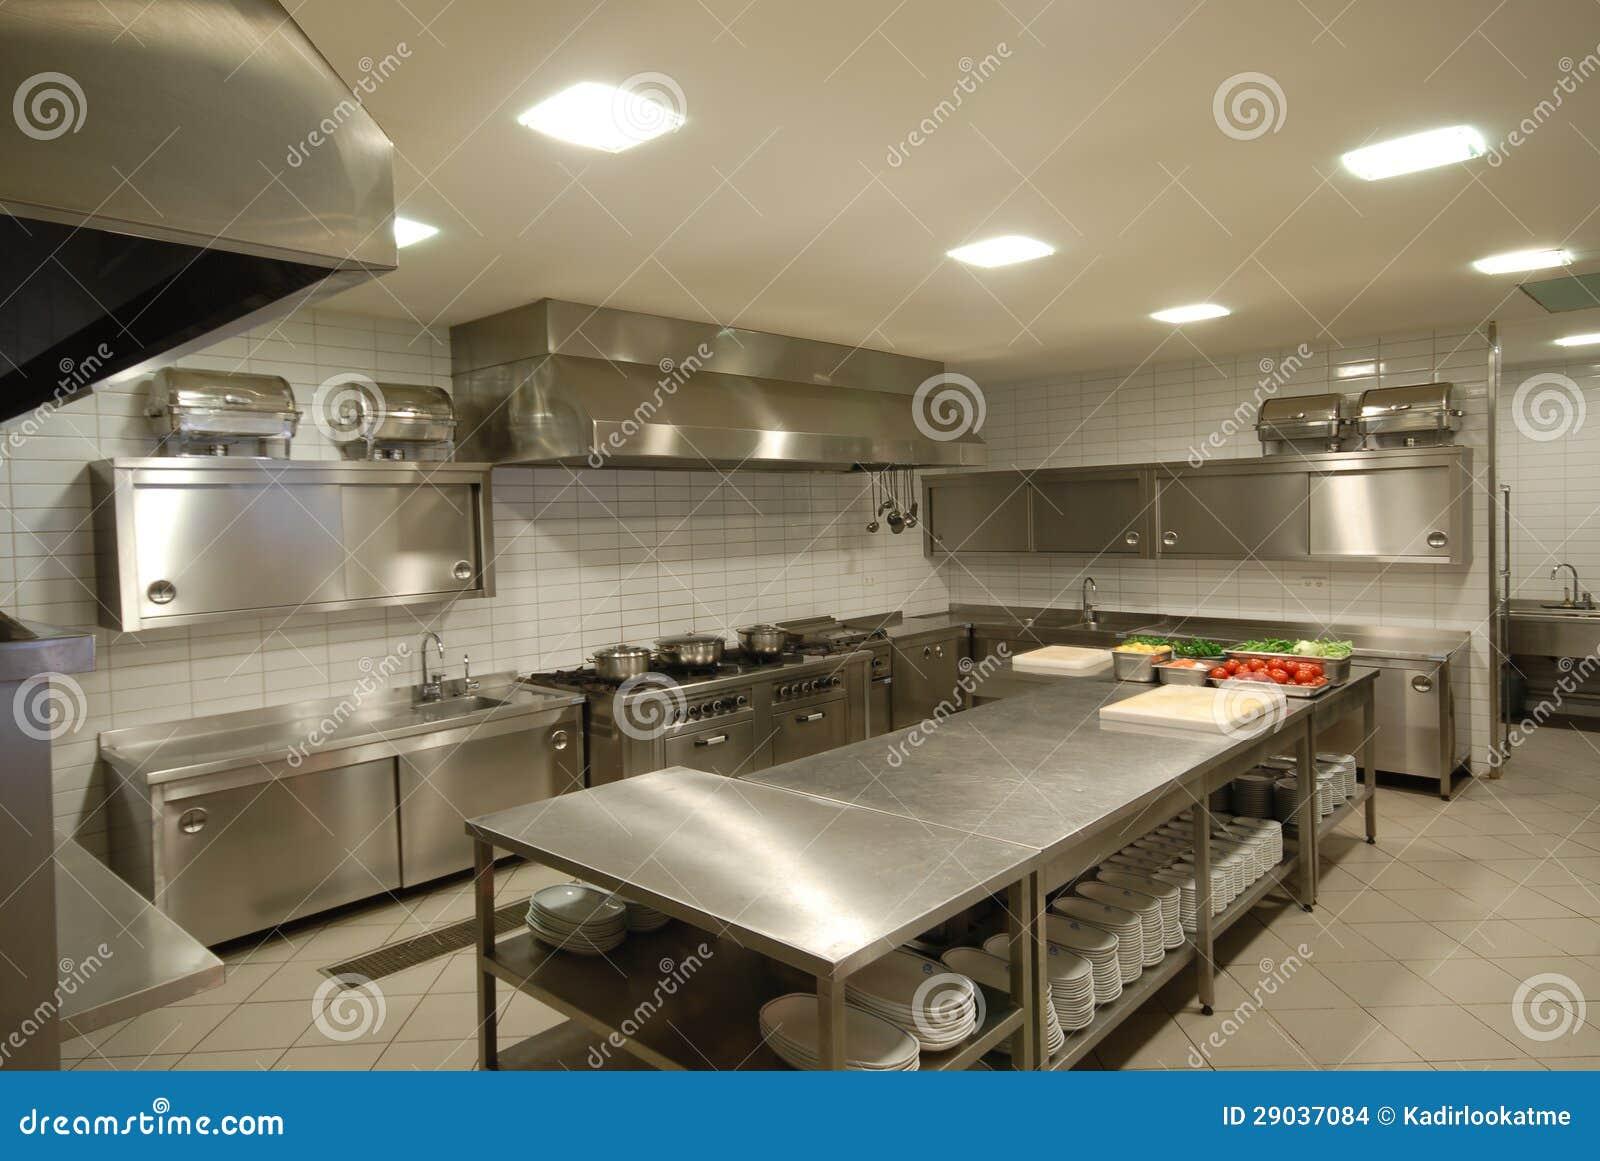 Fast Food Restaurant Floor Plan Cocina Moderna En Restaurante Foto De Archivo Imagen De